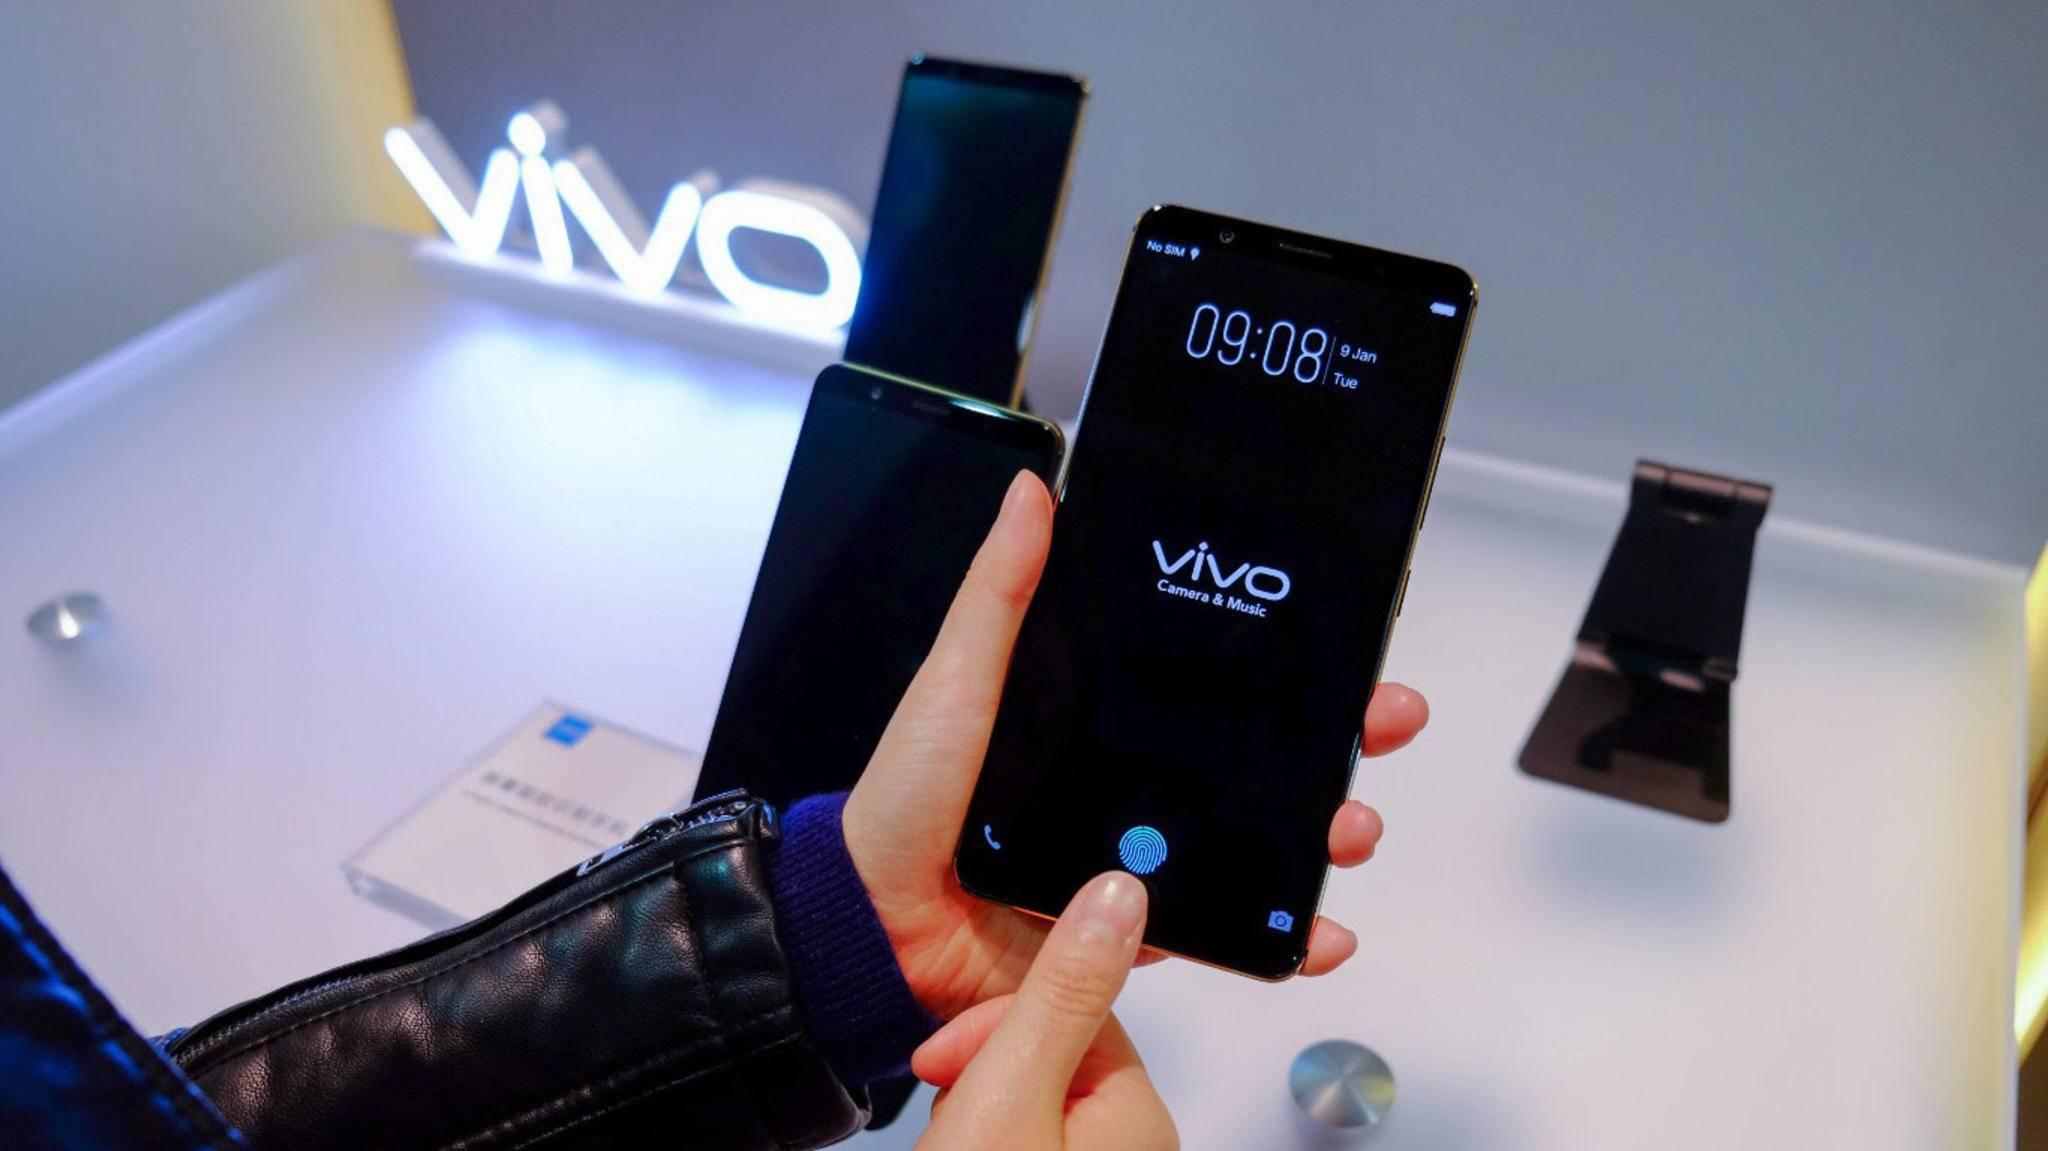 Erster Test eines im Smartphone-Display verbauten Fingerabdrucksensors